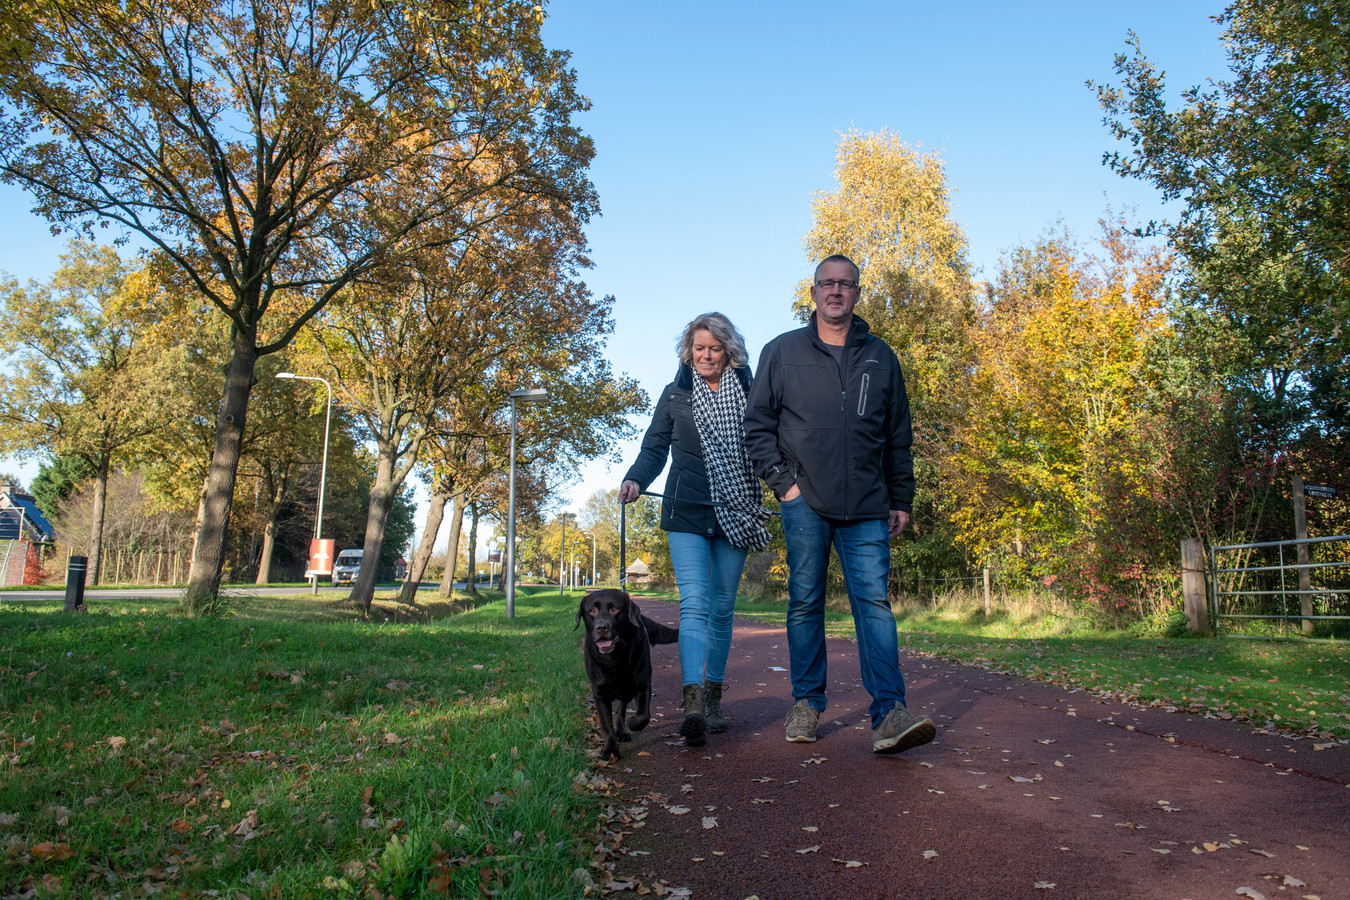 Hondenbezitters die langs de Koesteeg in Dalfsen wandelen. De viervoeter is aangelijnd, zoals het hoort.